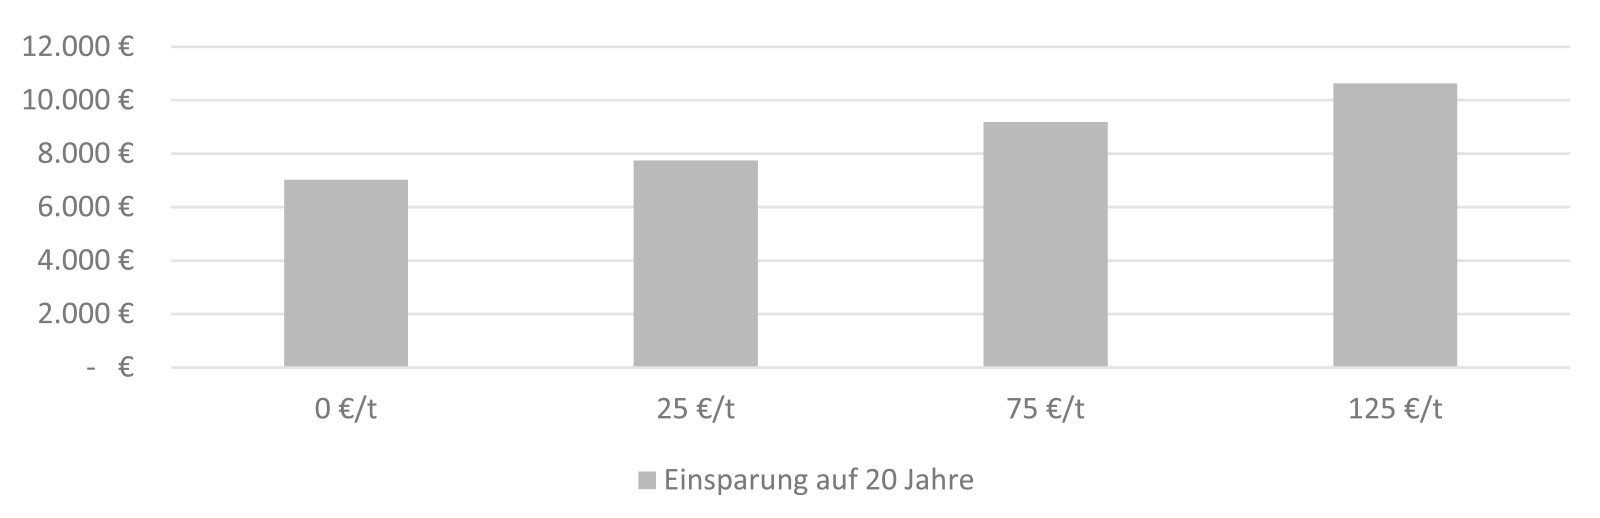 Balkendiagramm zu CO2-Bepreisung